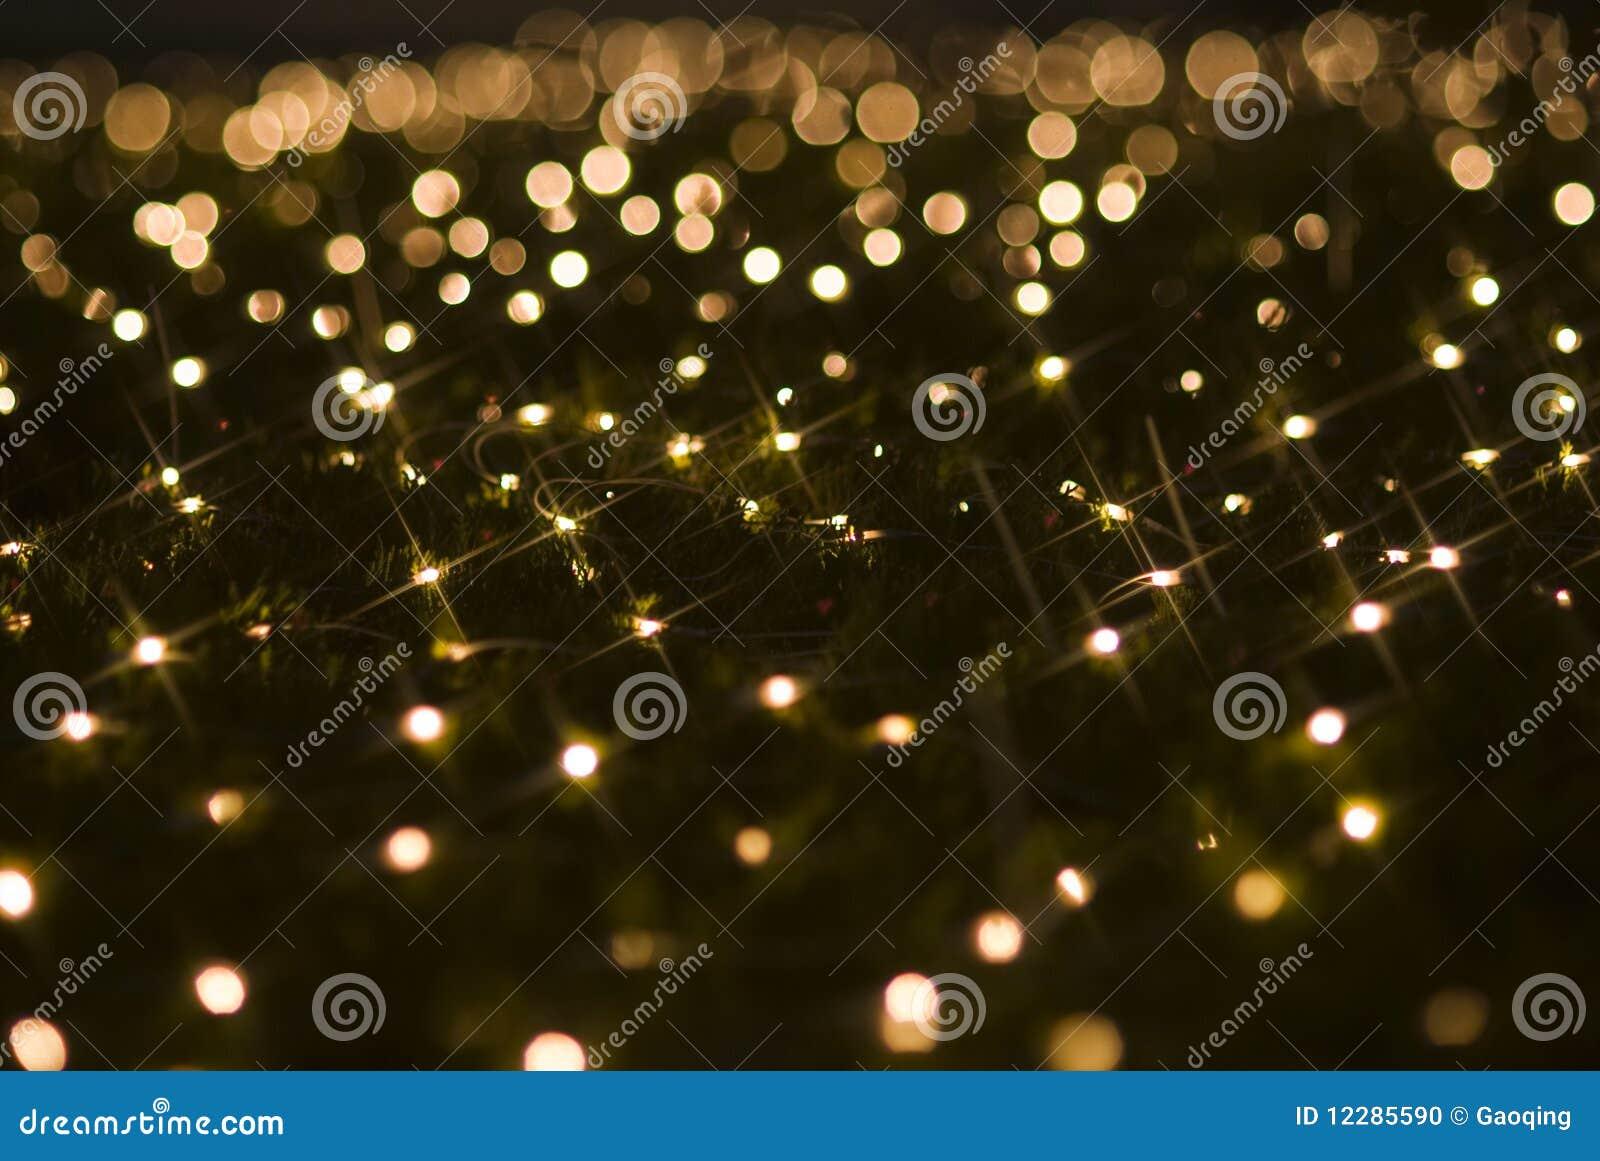 Juleffekter semestrar lampasequins som sparkling